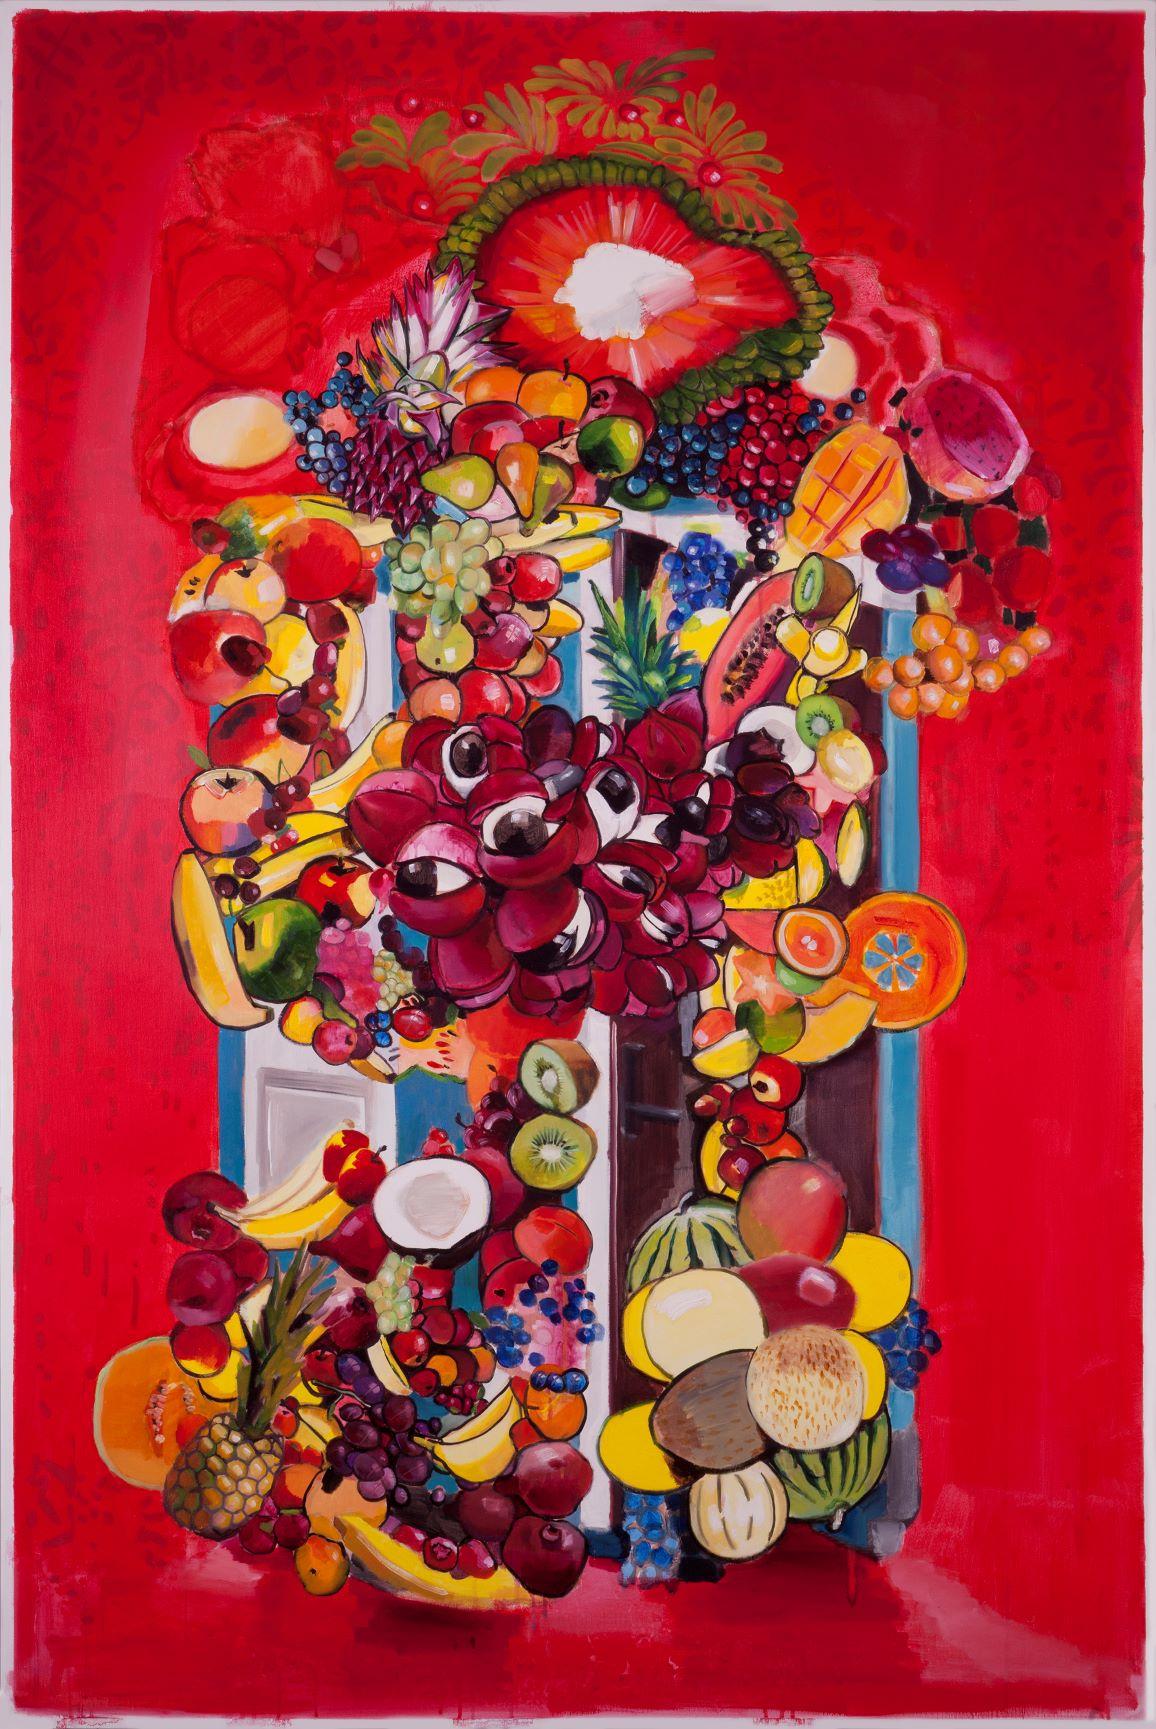 Fruitbox, 2018, Brush (Ambrus Gero), Oil on Canvas, 150 x 99 cm